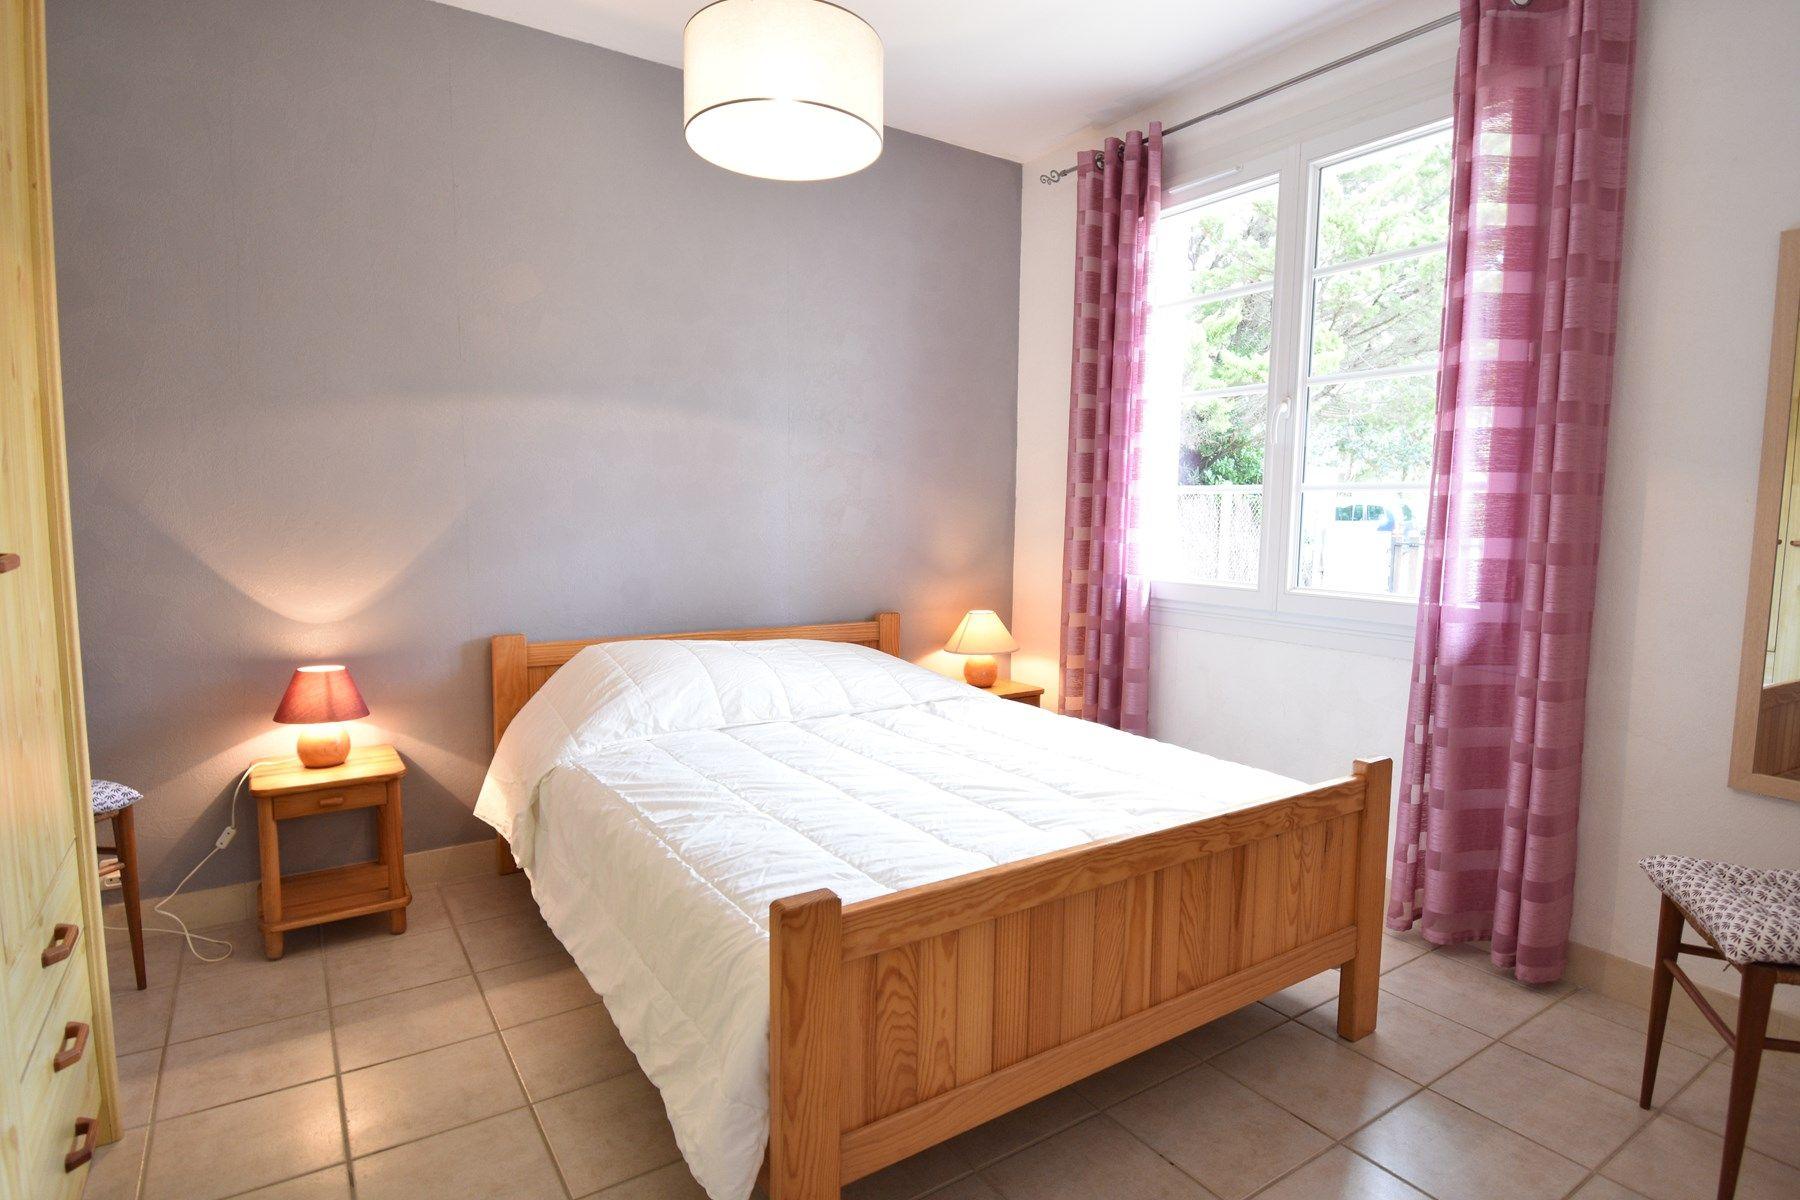 Holiday rental villa ref:0079